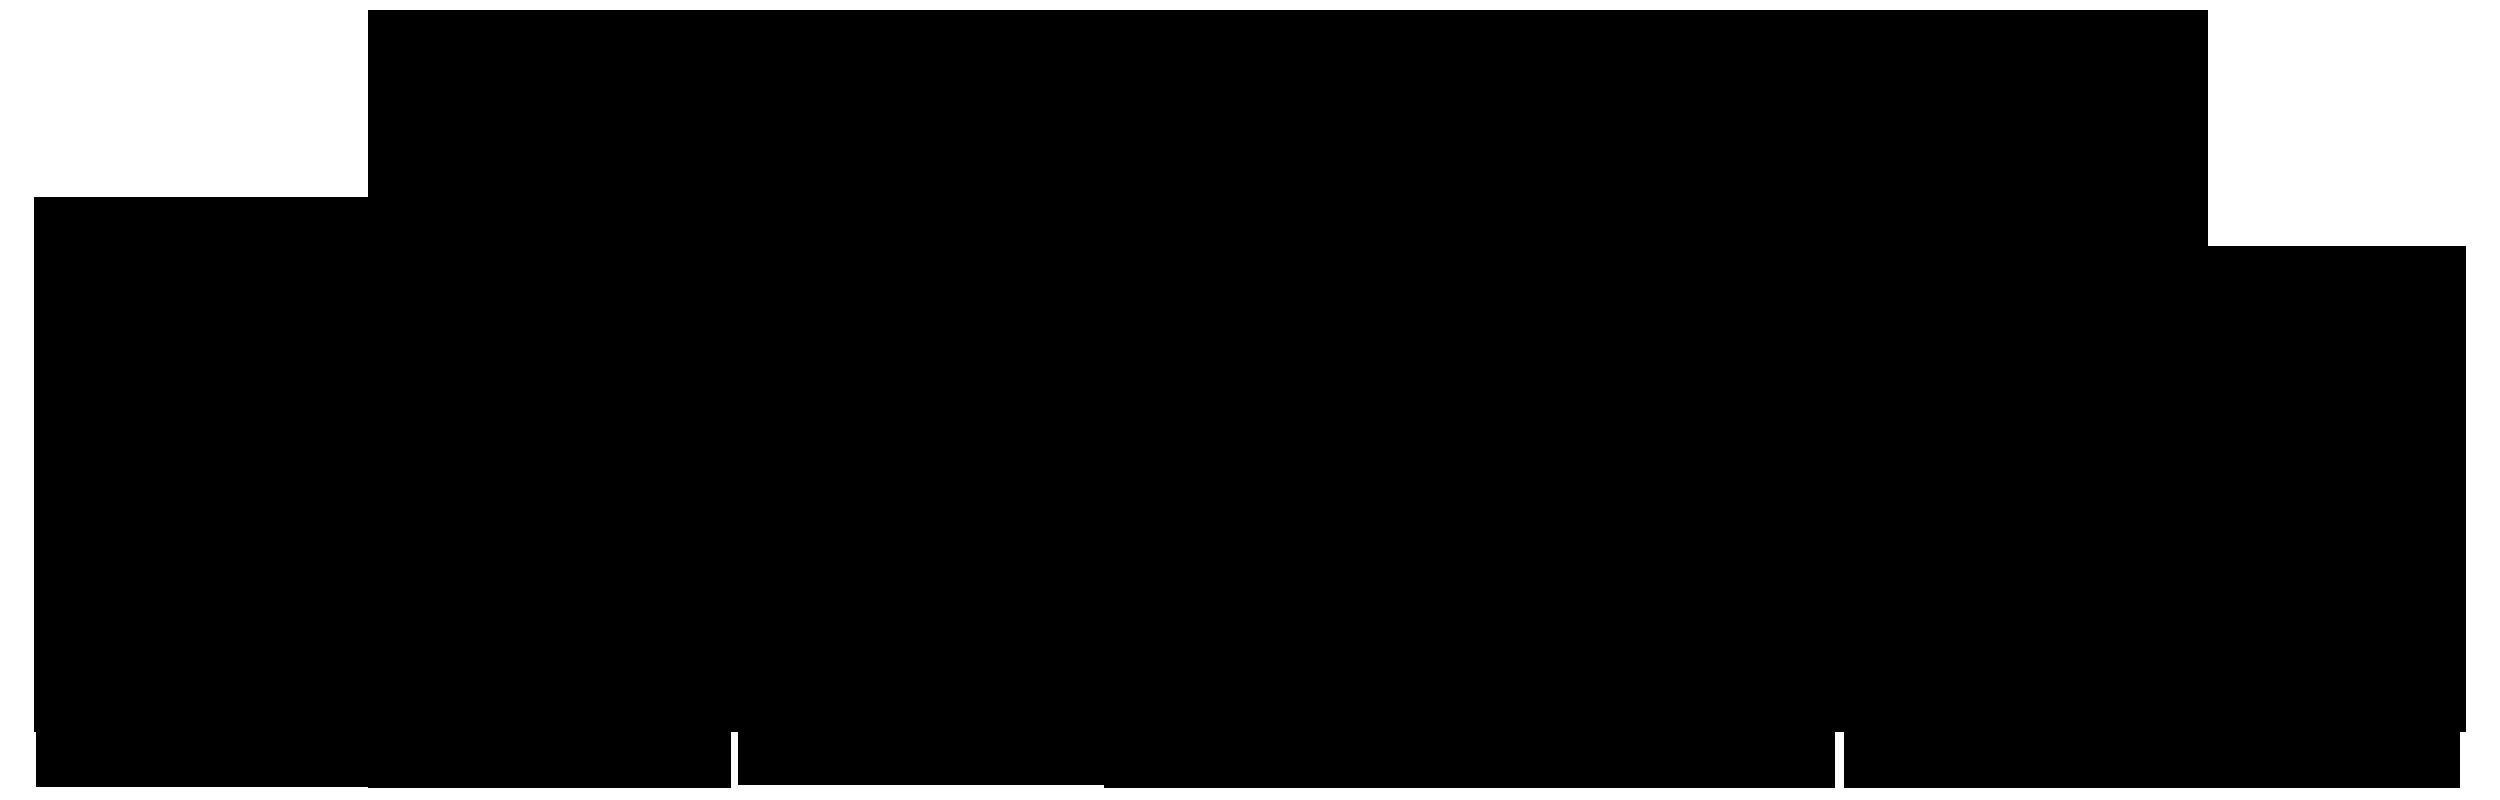 Shema za postavljanje pletiva i ogradnih c stupova